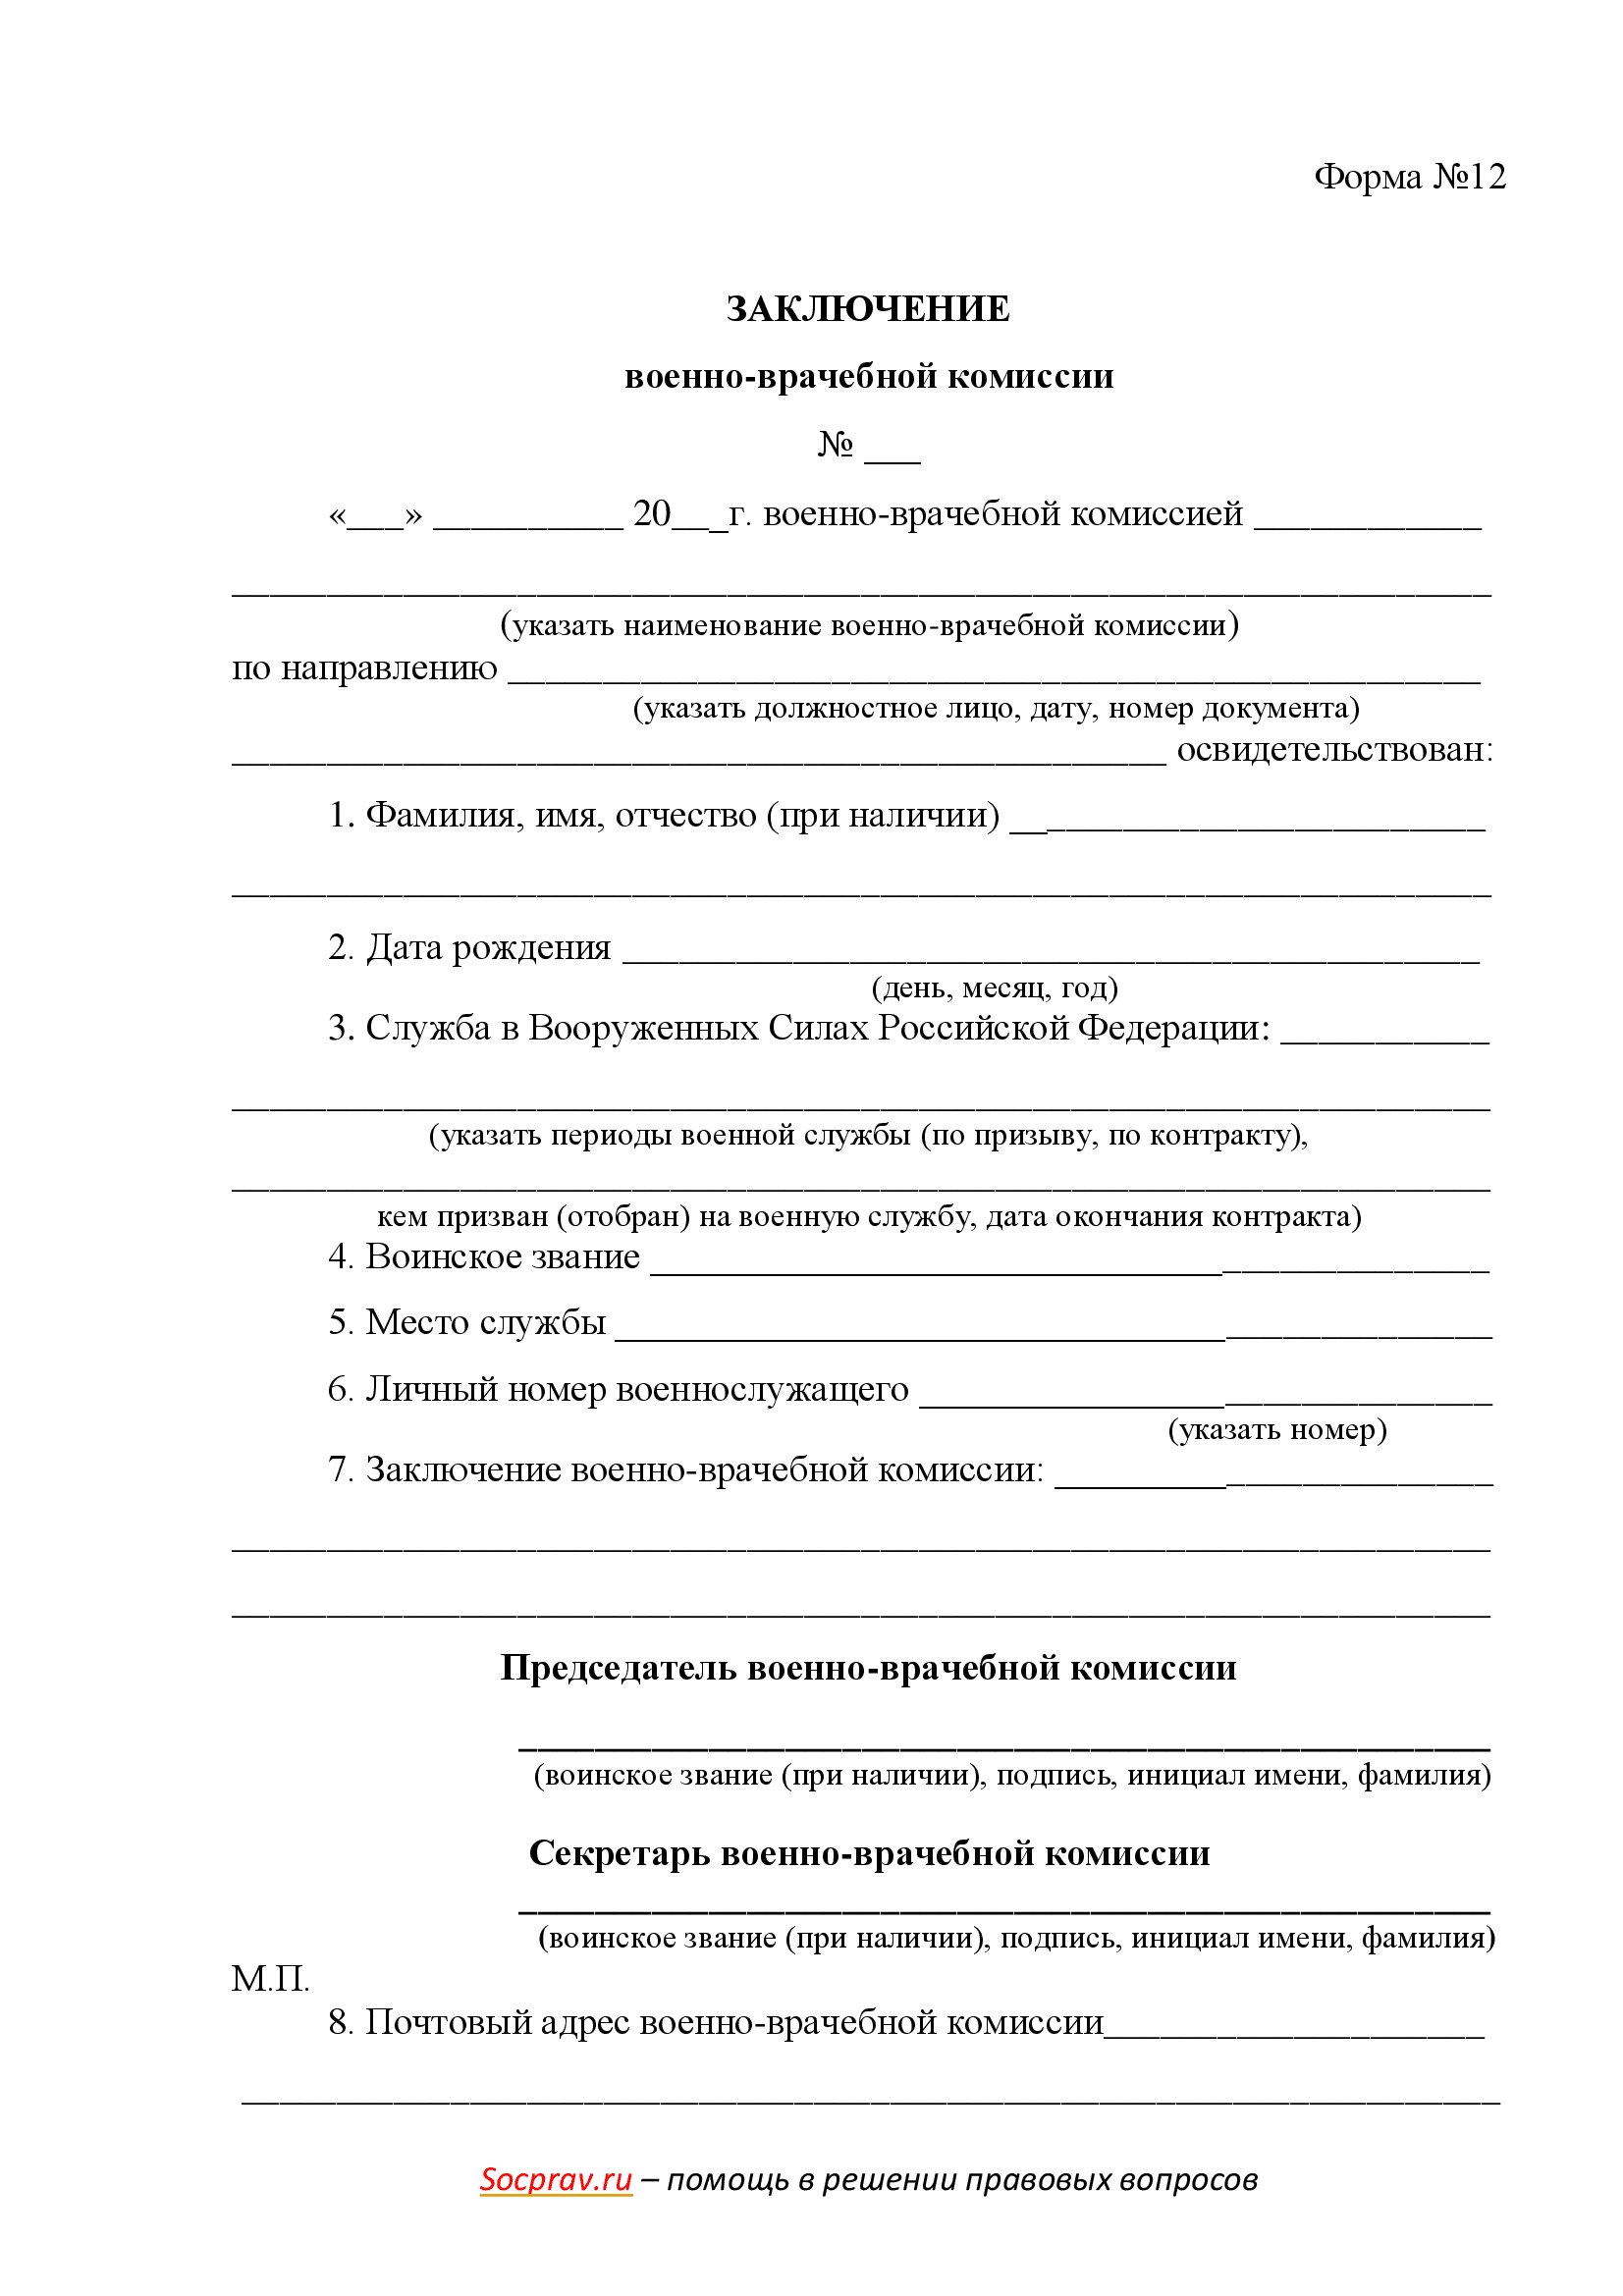 Заключение военно-врачебной комиссии